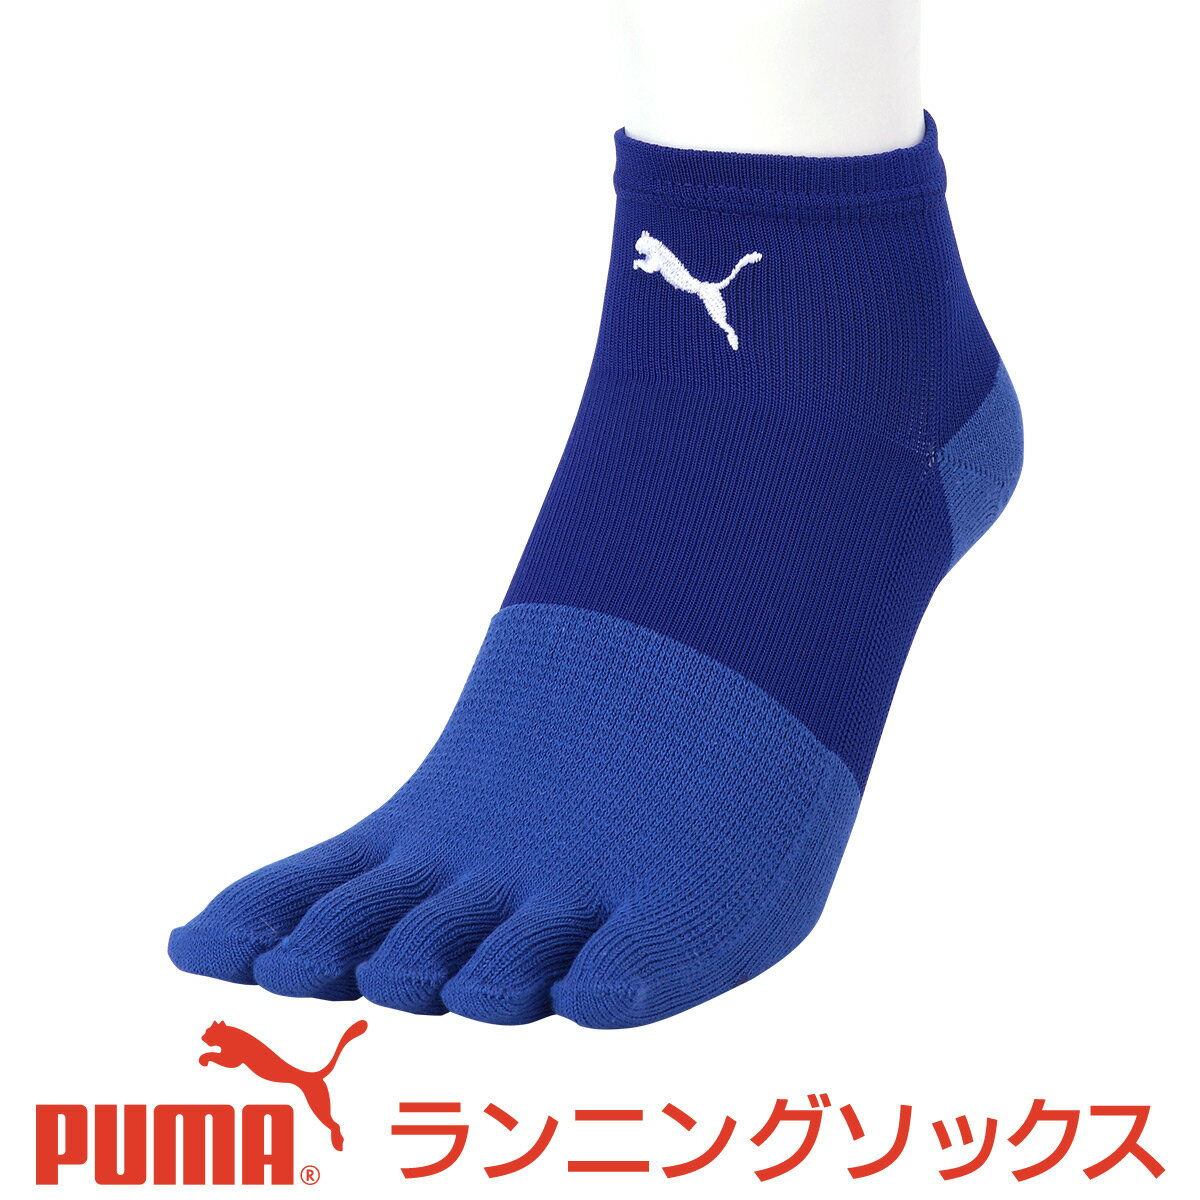 セール!30%OFF PUMA ( プーマ ) メンズ 靴下 足底滑り止め付き アーチフィットサポート 日本製 5本指 マラソン ランニング ソックス 大きいサイズ 28cm 29cm もあり2822-204ポイント10倍